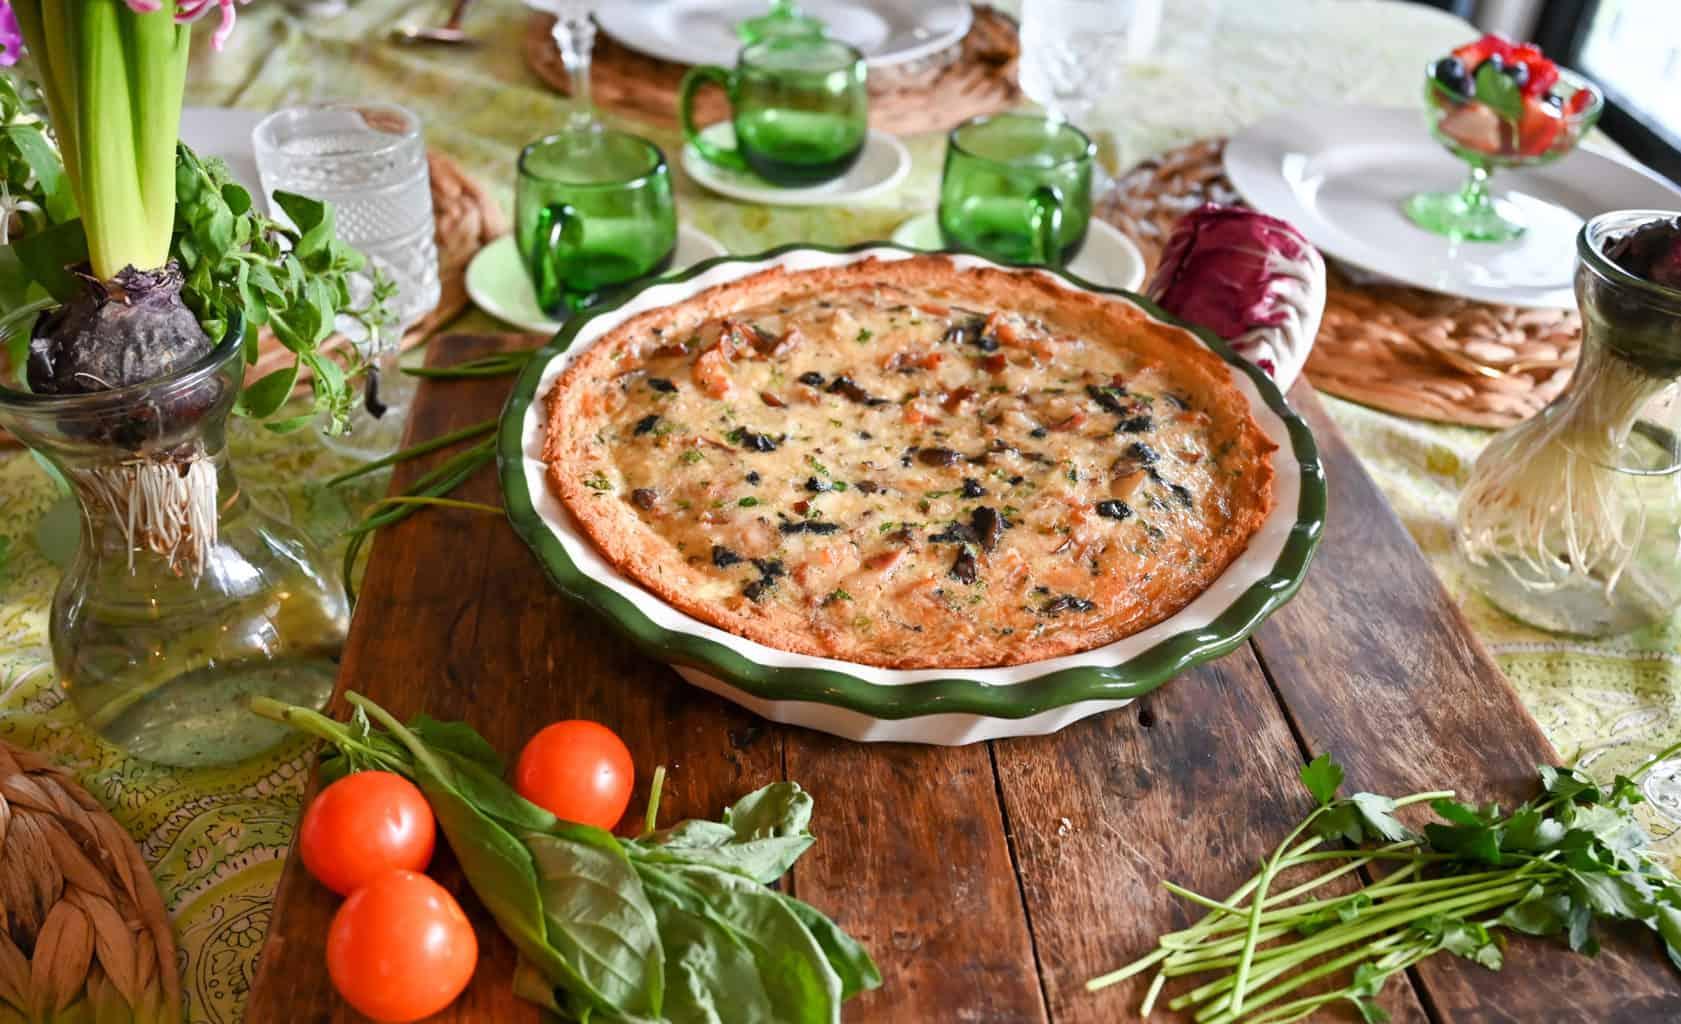 Keto gluten free quiche ready to serve to company